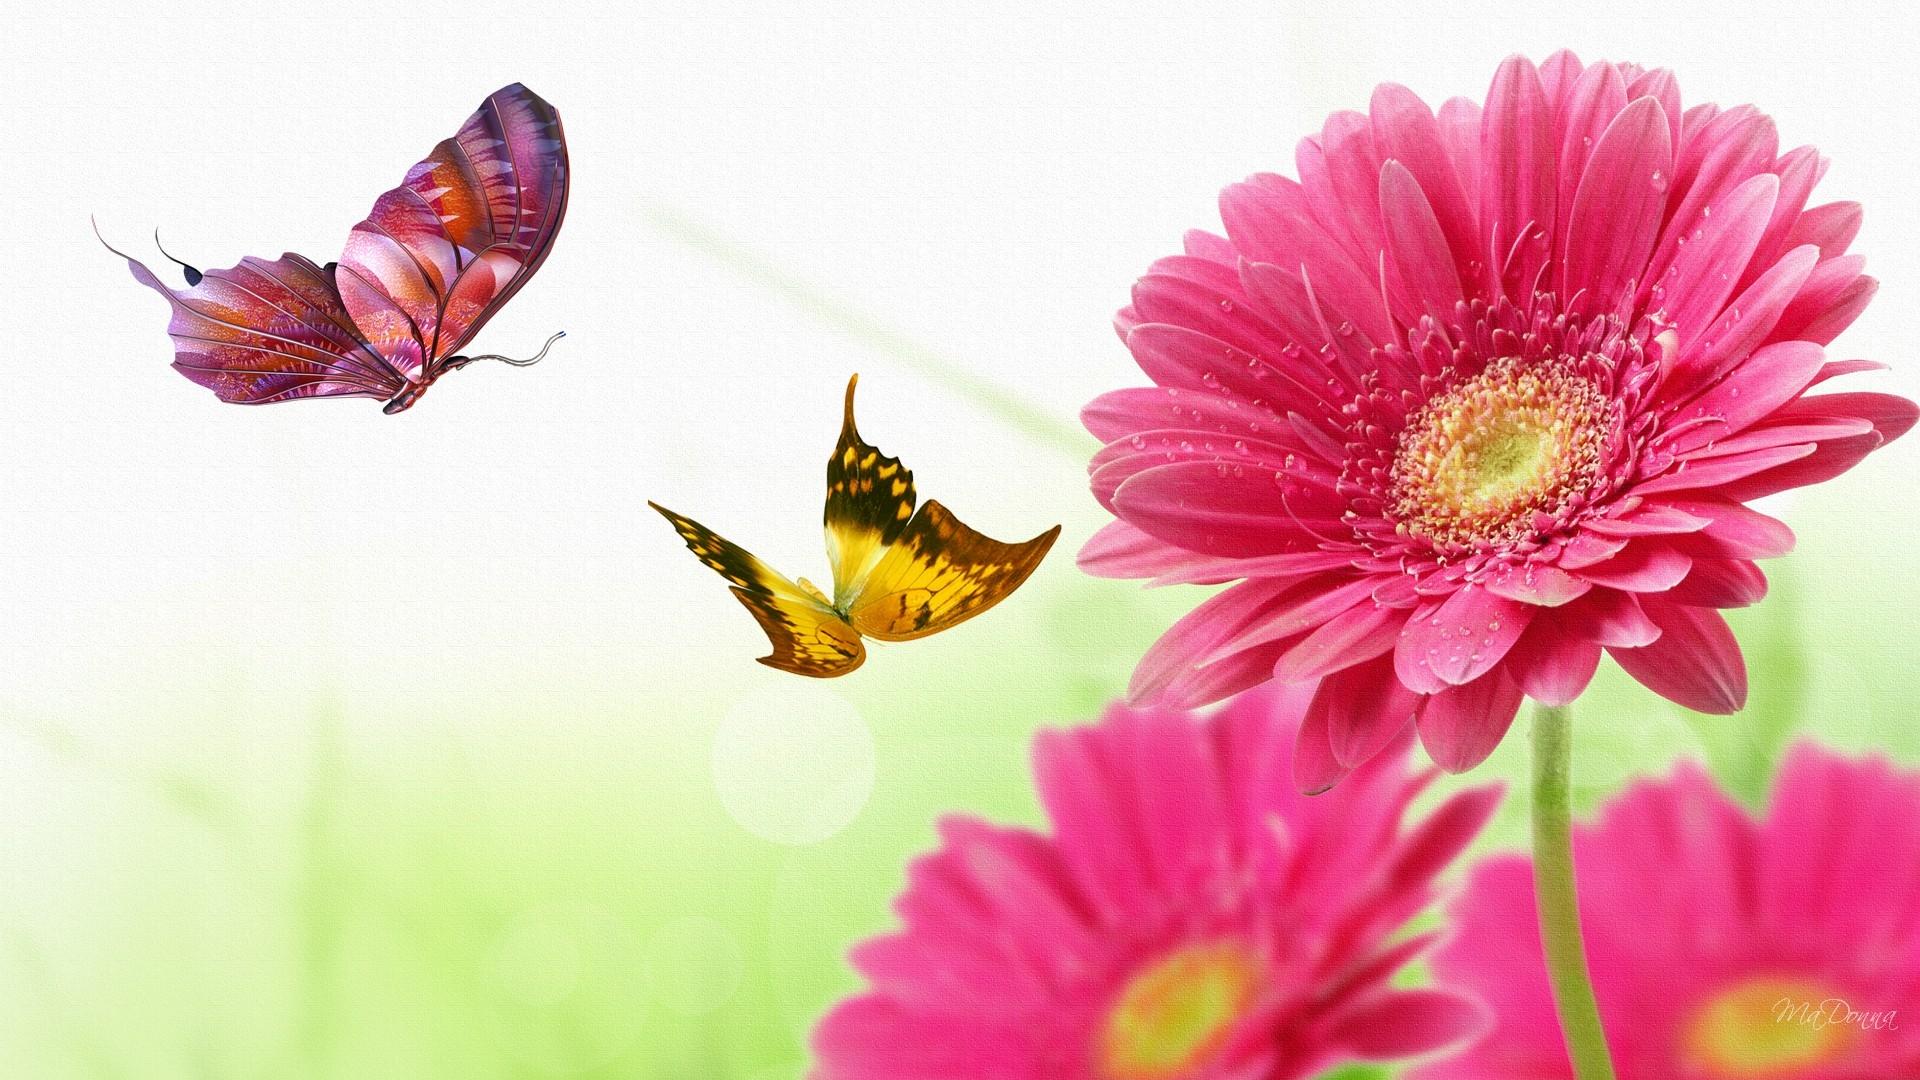 Galaxy S5 Fall Wallpaper Gerber Daisy Butterfly Dance Bright Butterflies Daisies